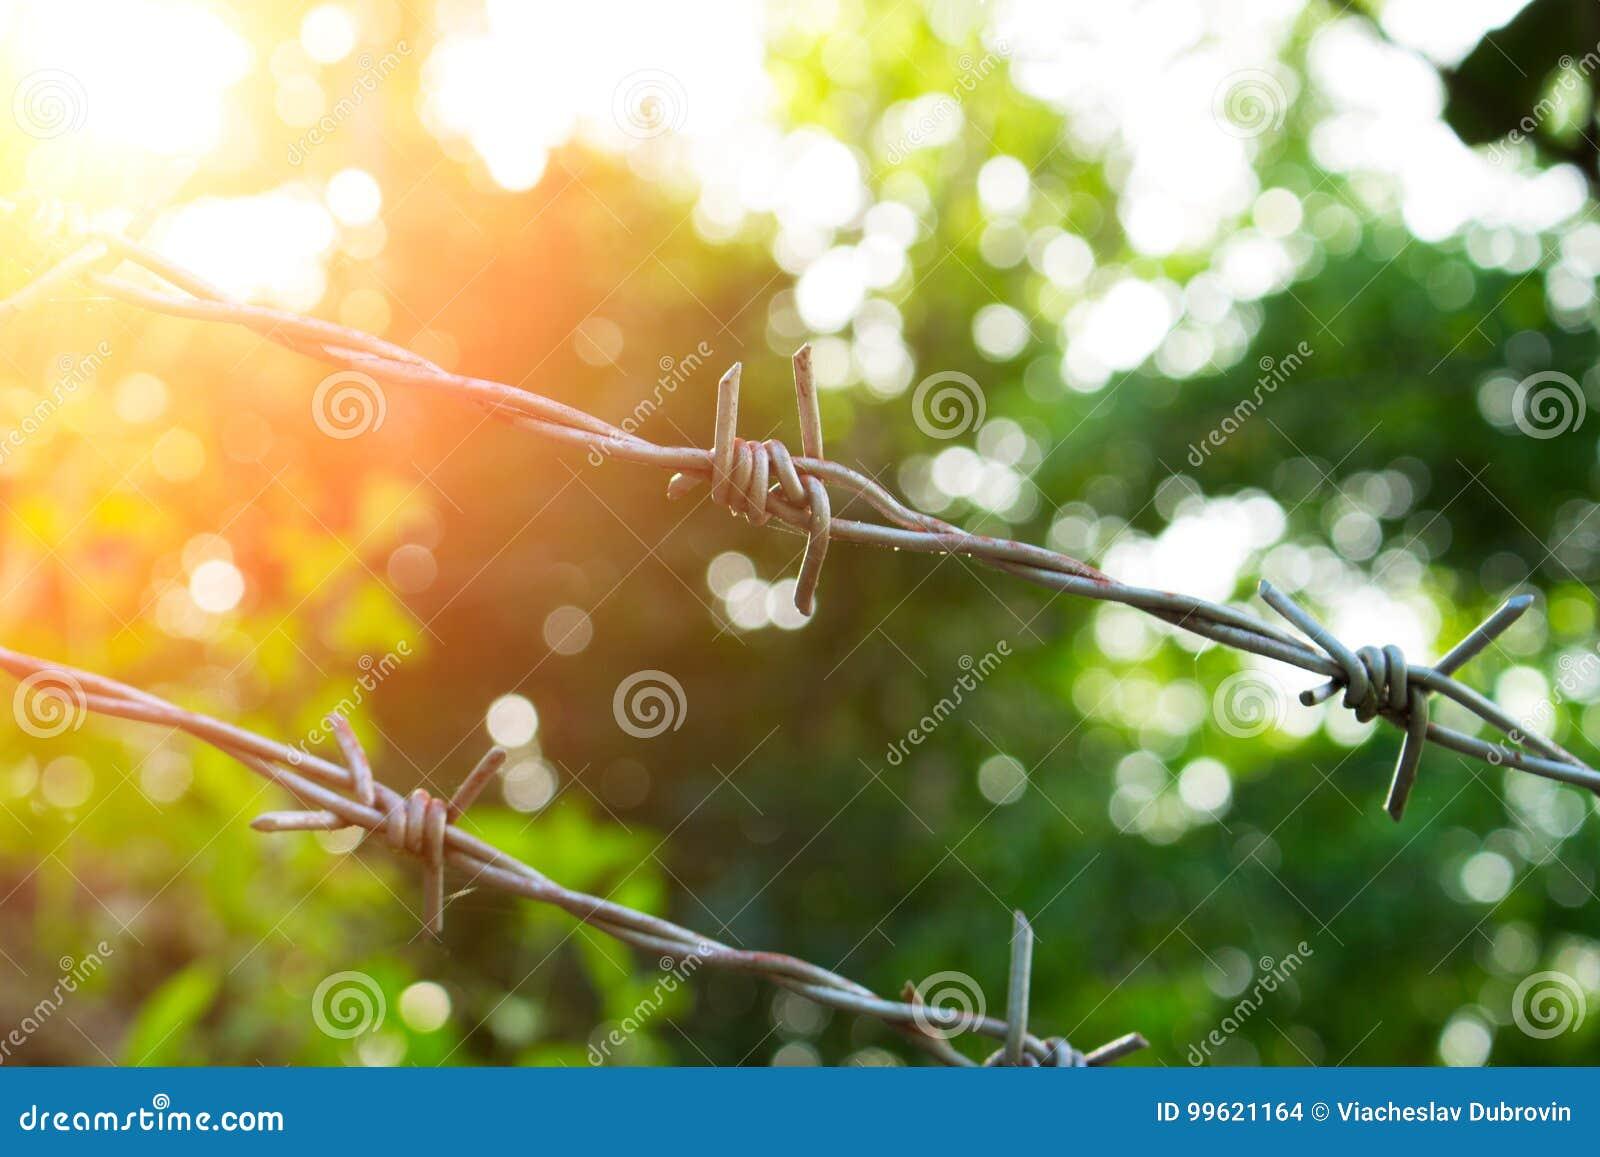 Колючая проволока в солнечном дне Солнечная природа за barbwire Защитная загородка вокруг тропического сада